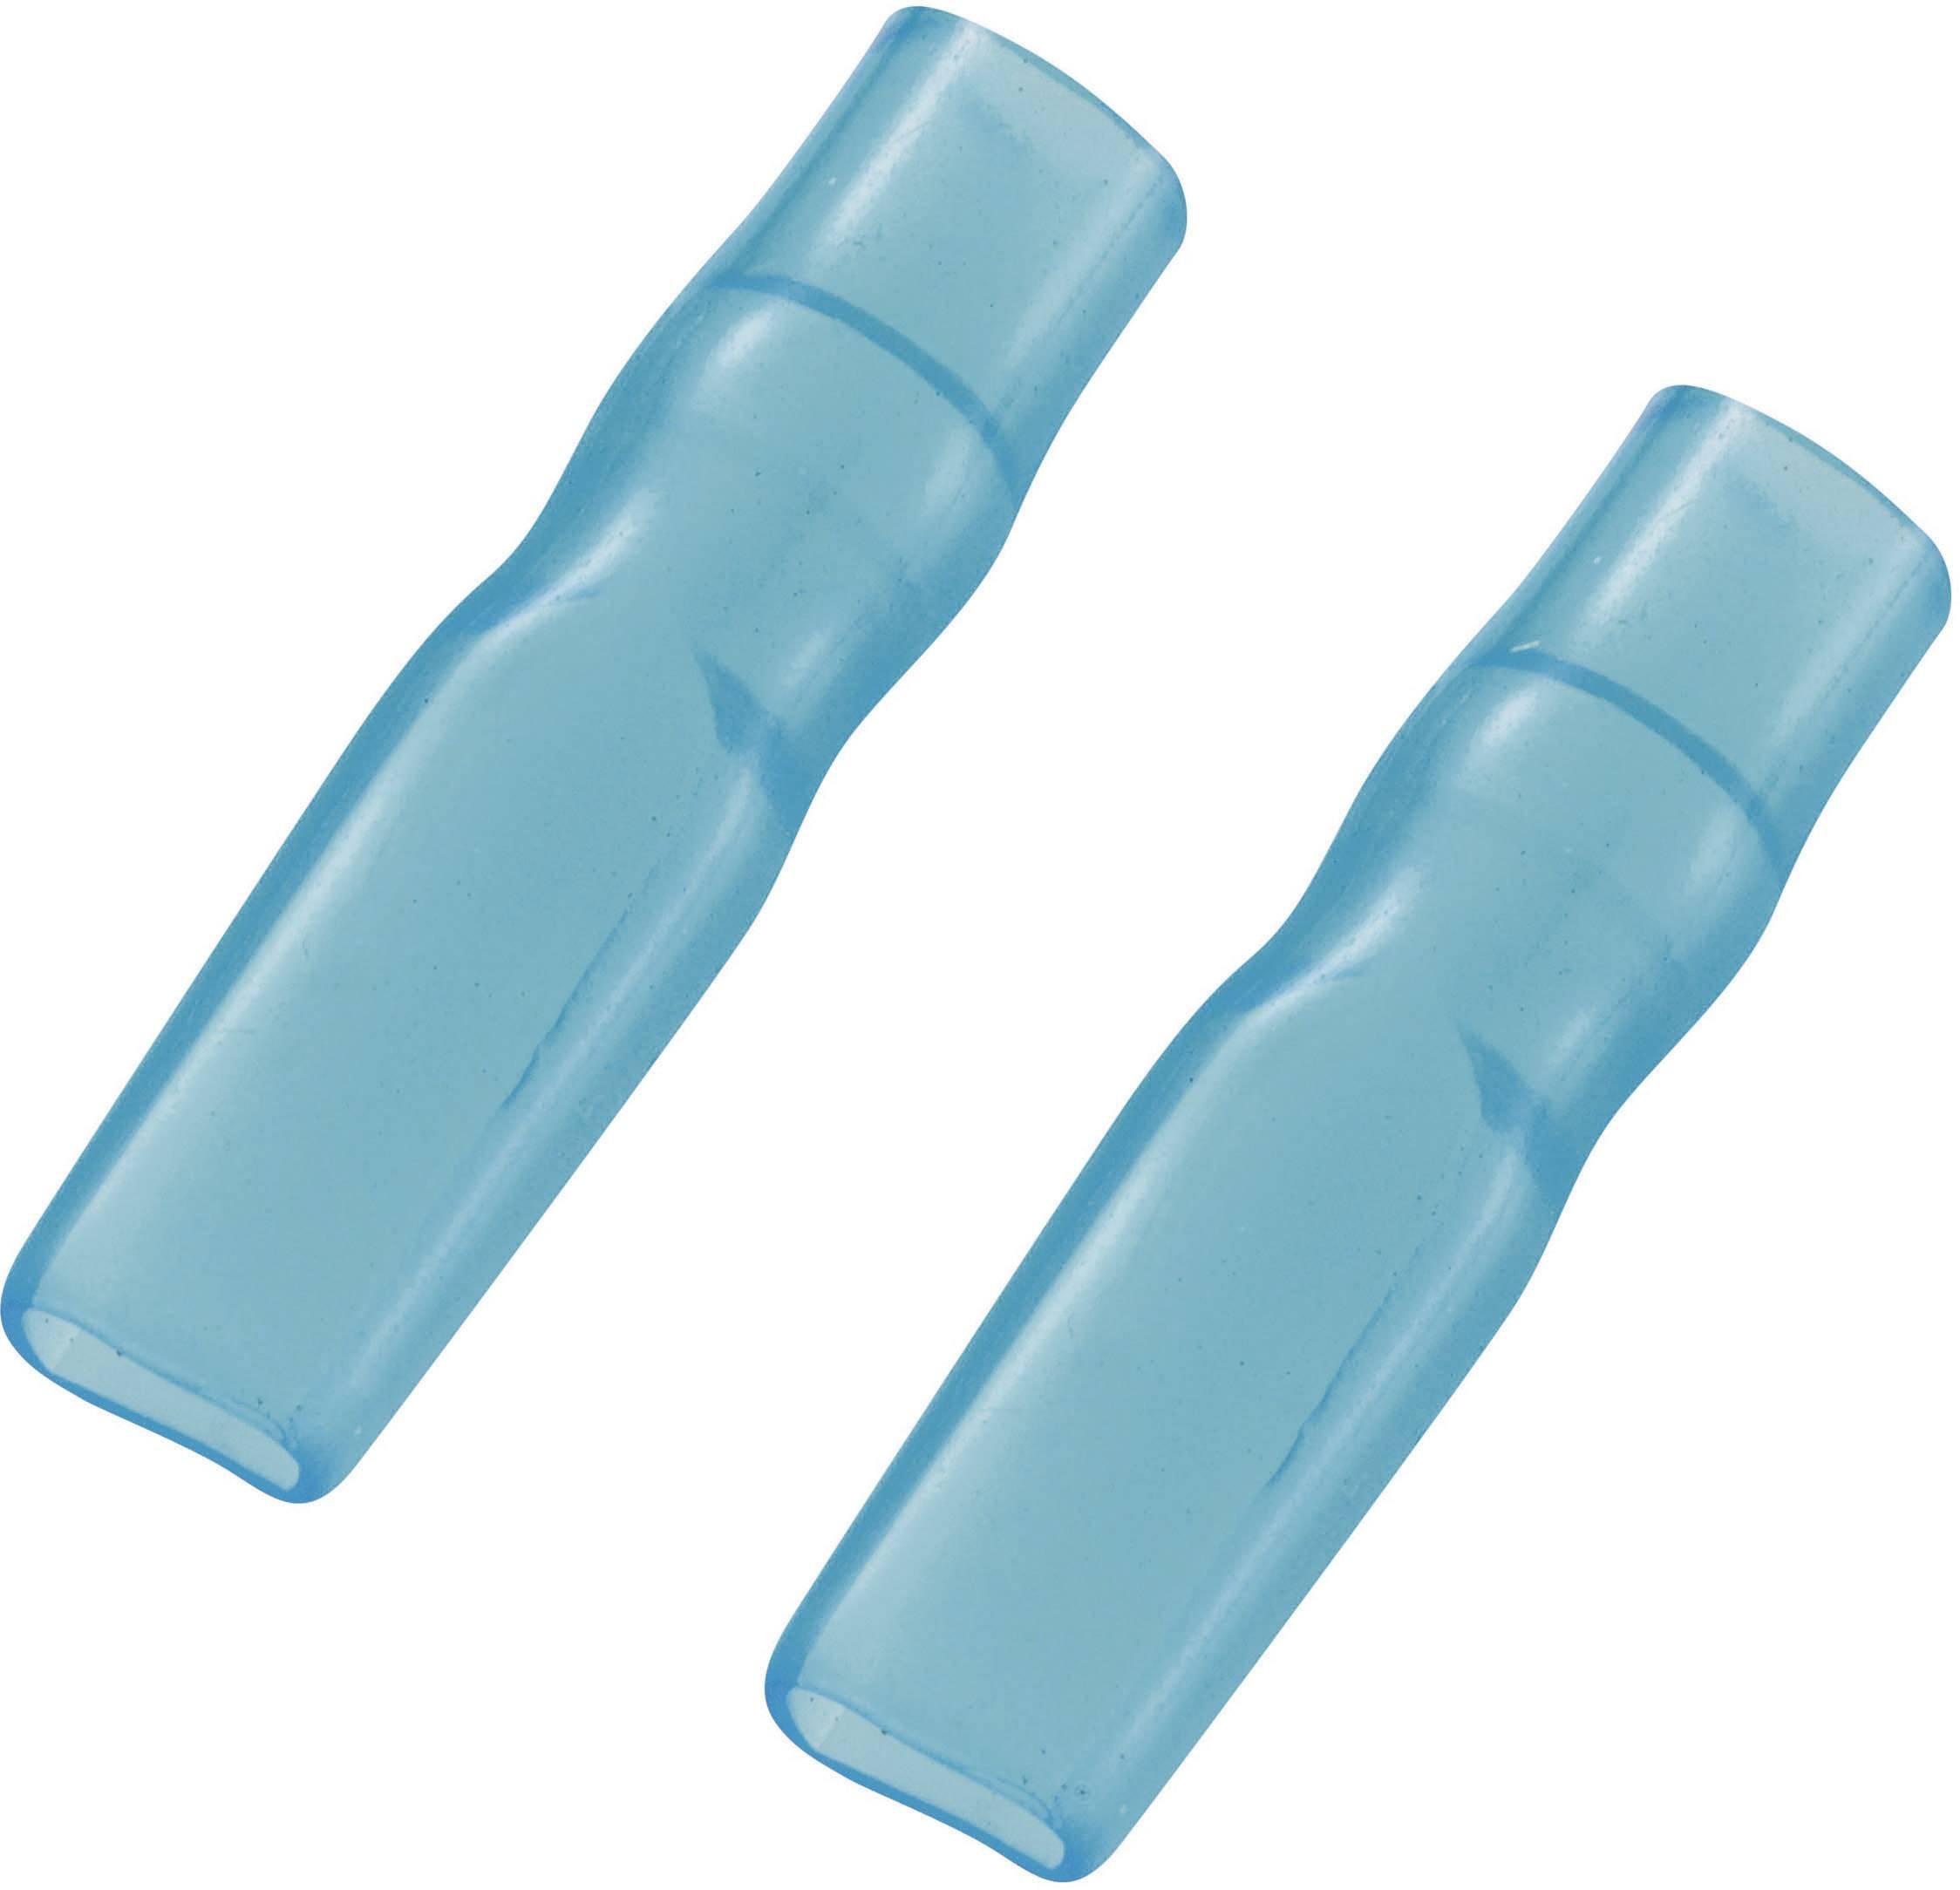 Izolačná objímka 735504, modrá – 1 ks